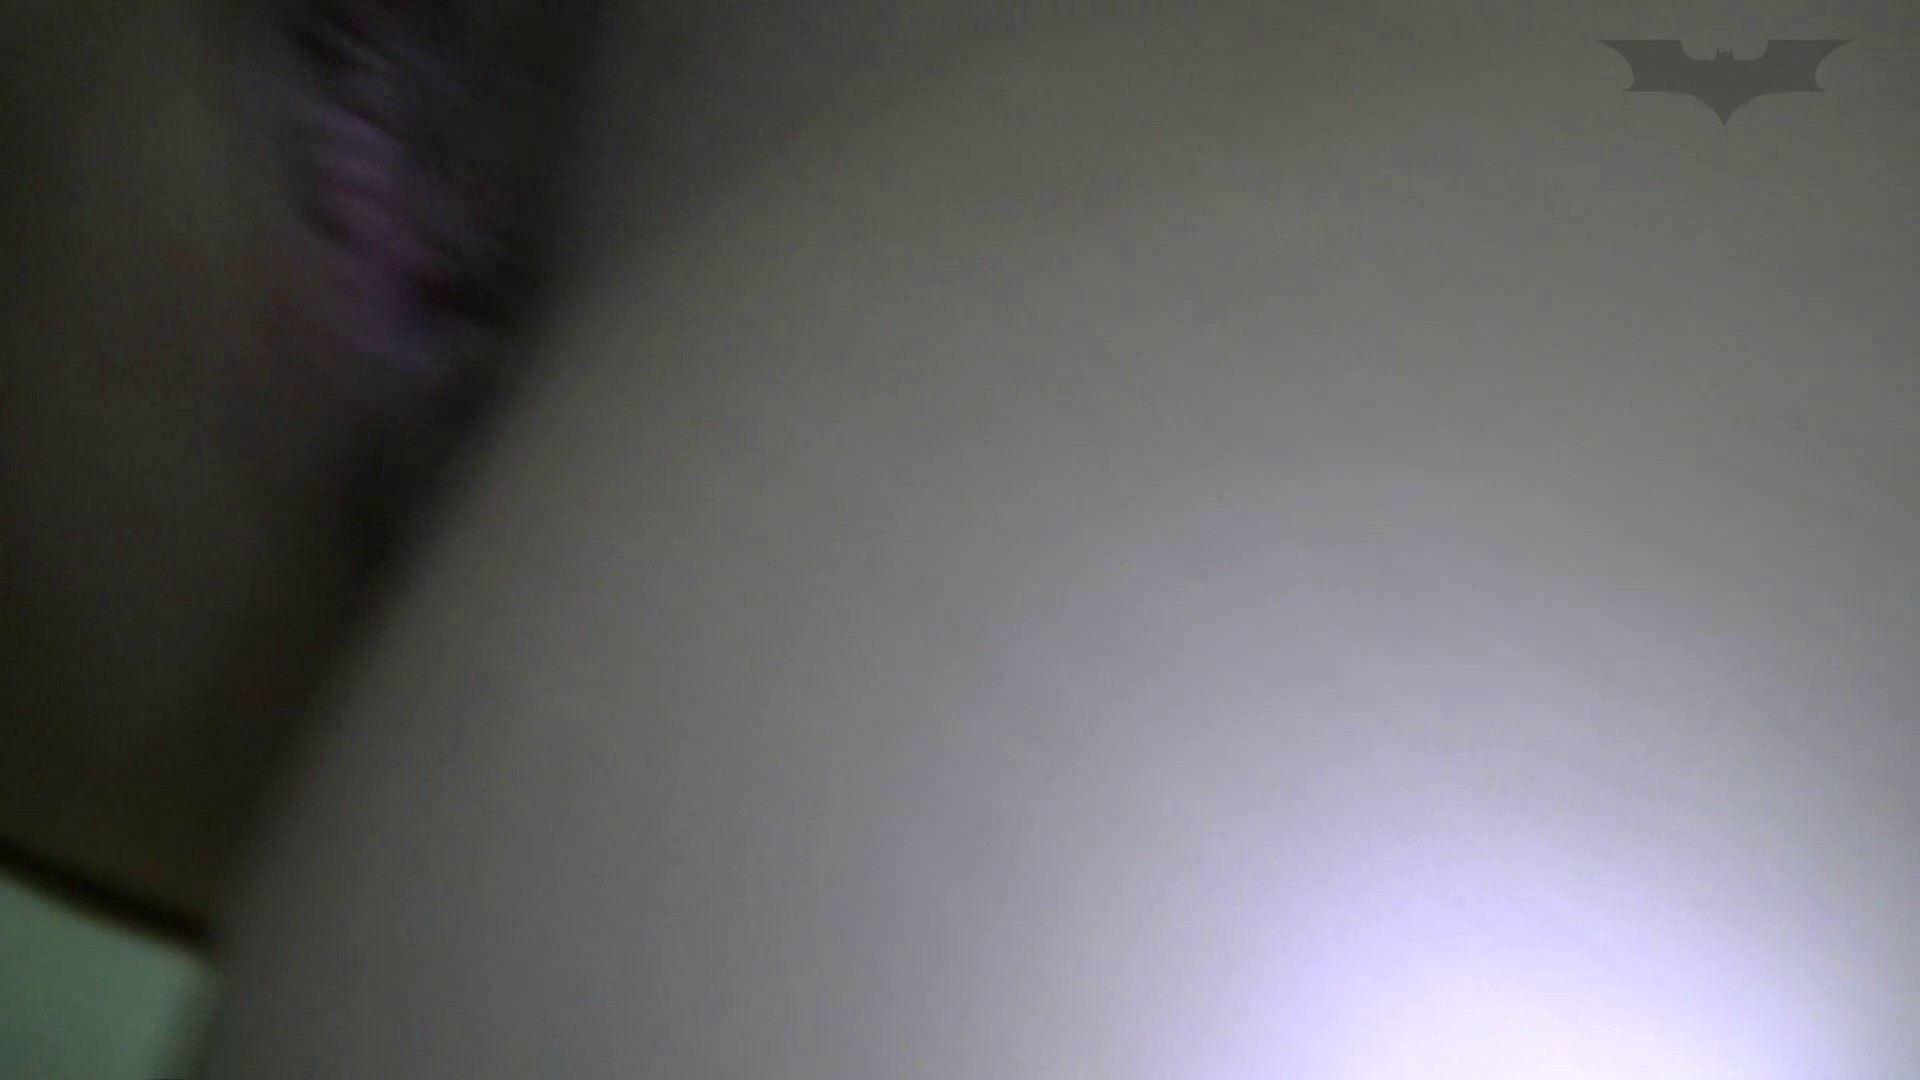 寝ている間にマンコを舐める影対姪っ子友達Gカップ処女 美乳 おまんこ無修正動画無料 56画像 53